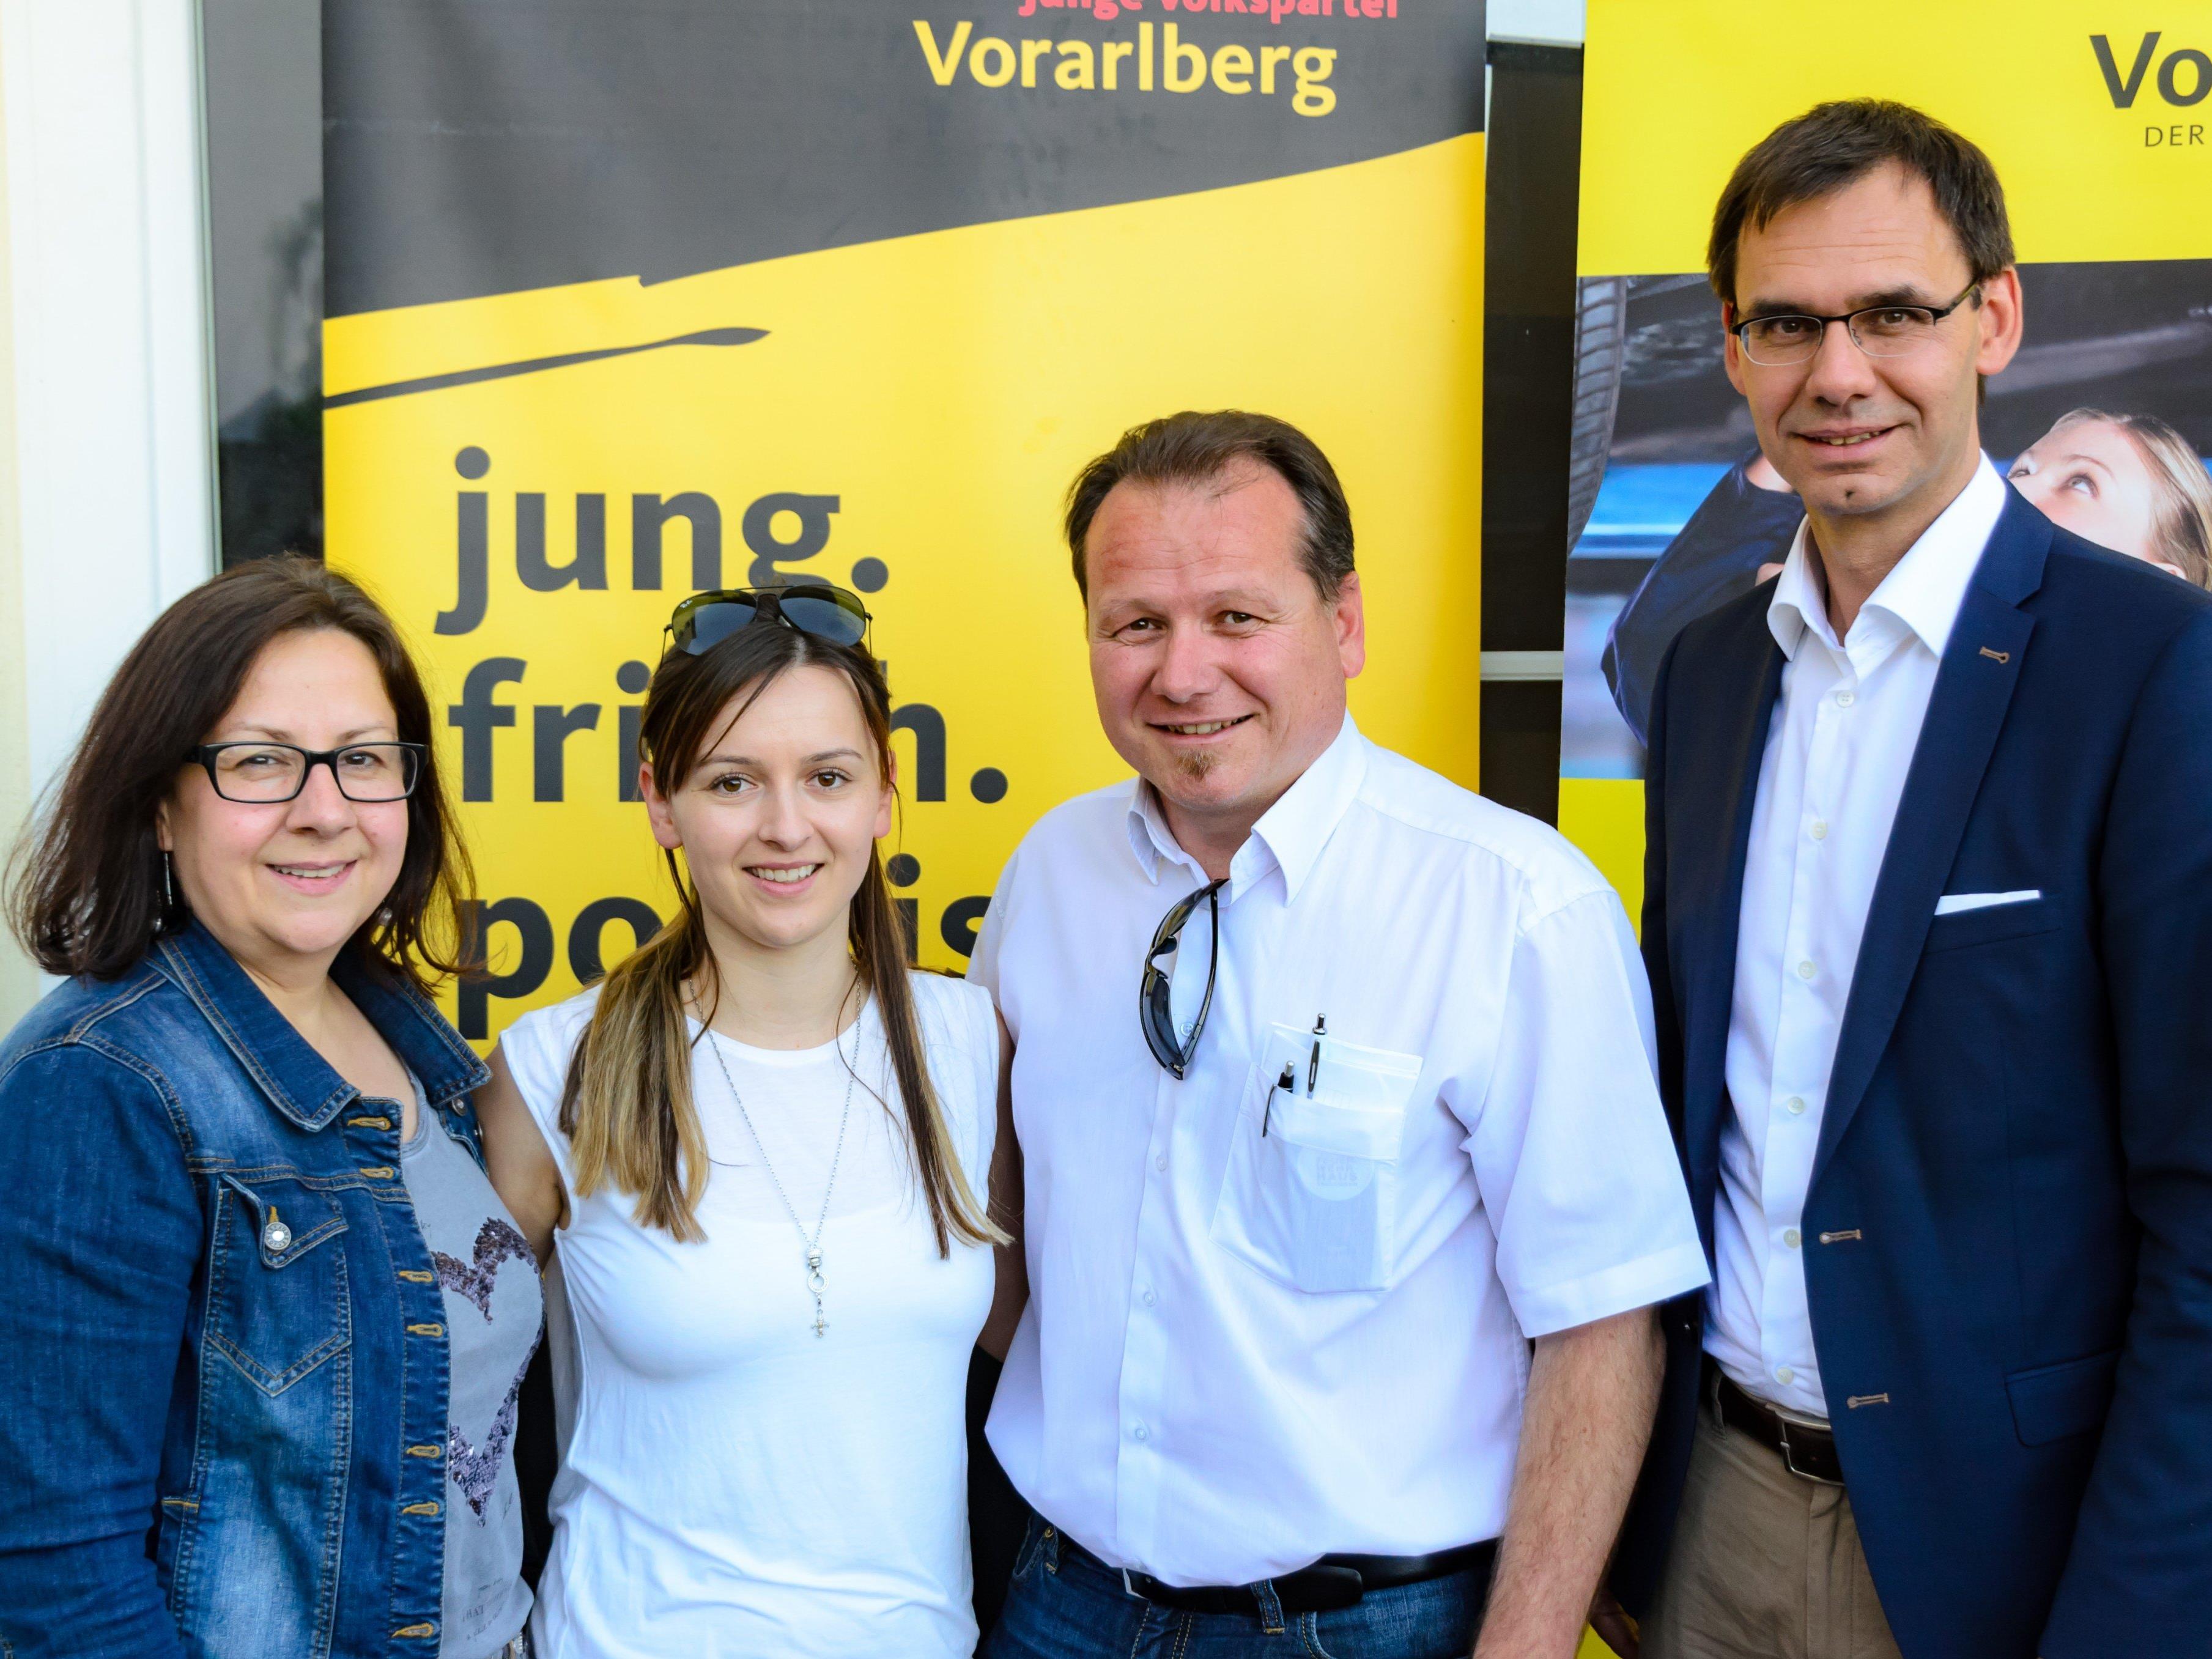 V.l.n.r.: Verena Walch, Samra Husic, Harald Witwer, Markus Wallner